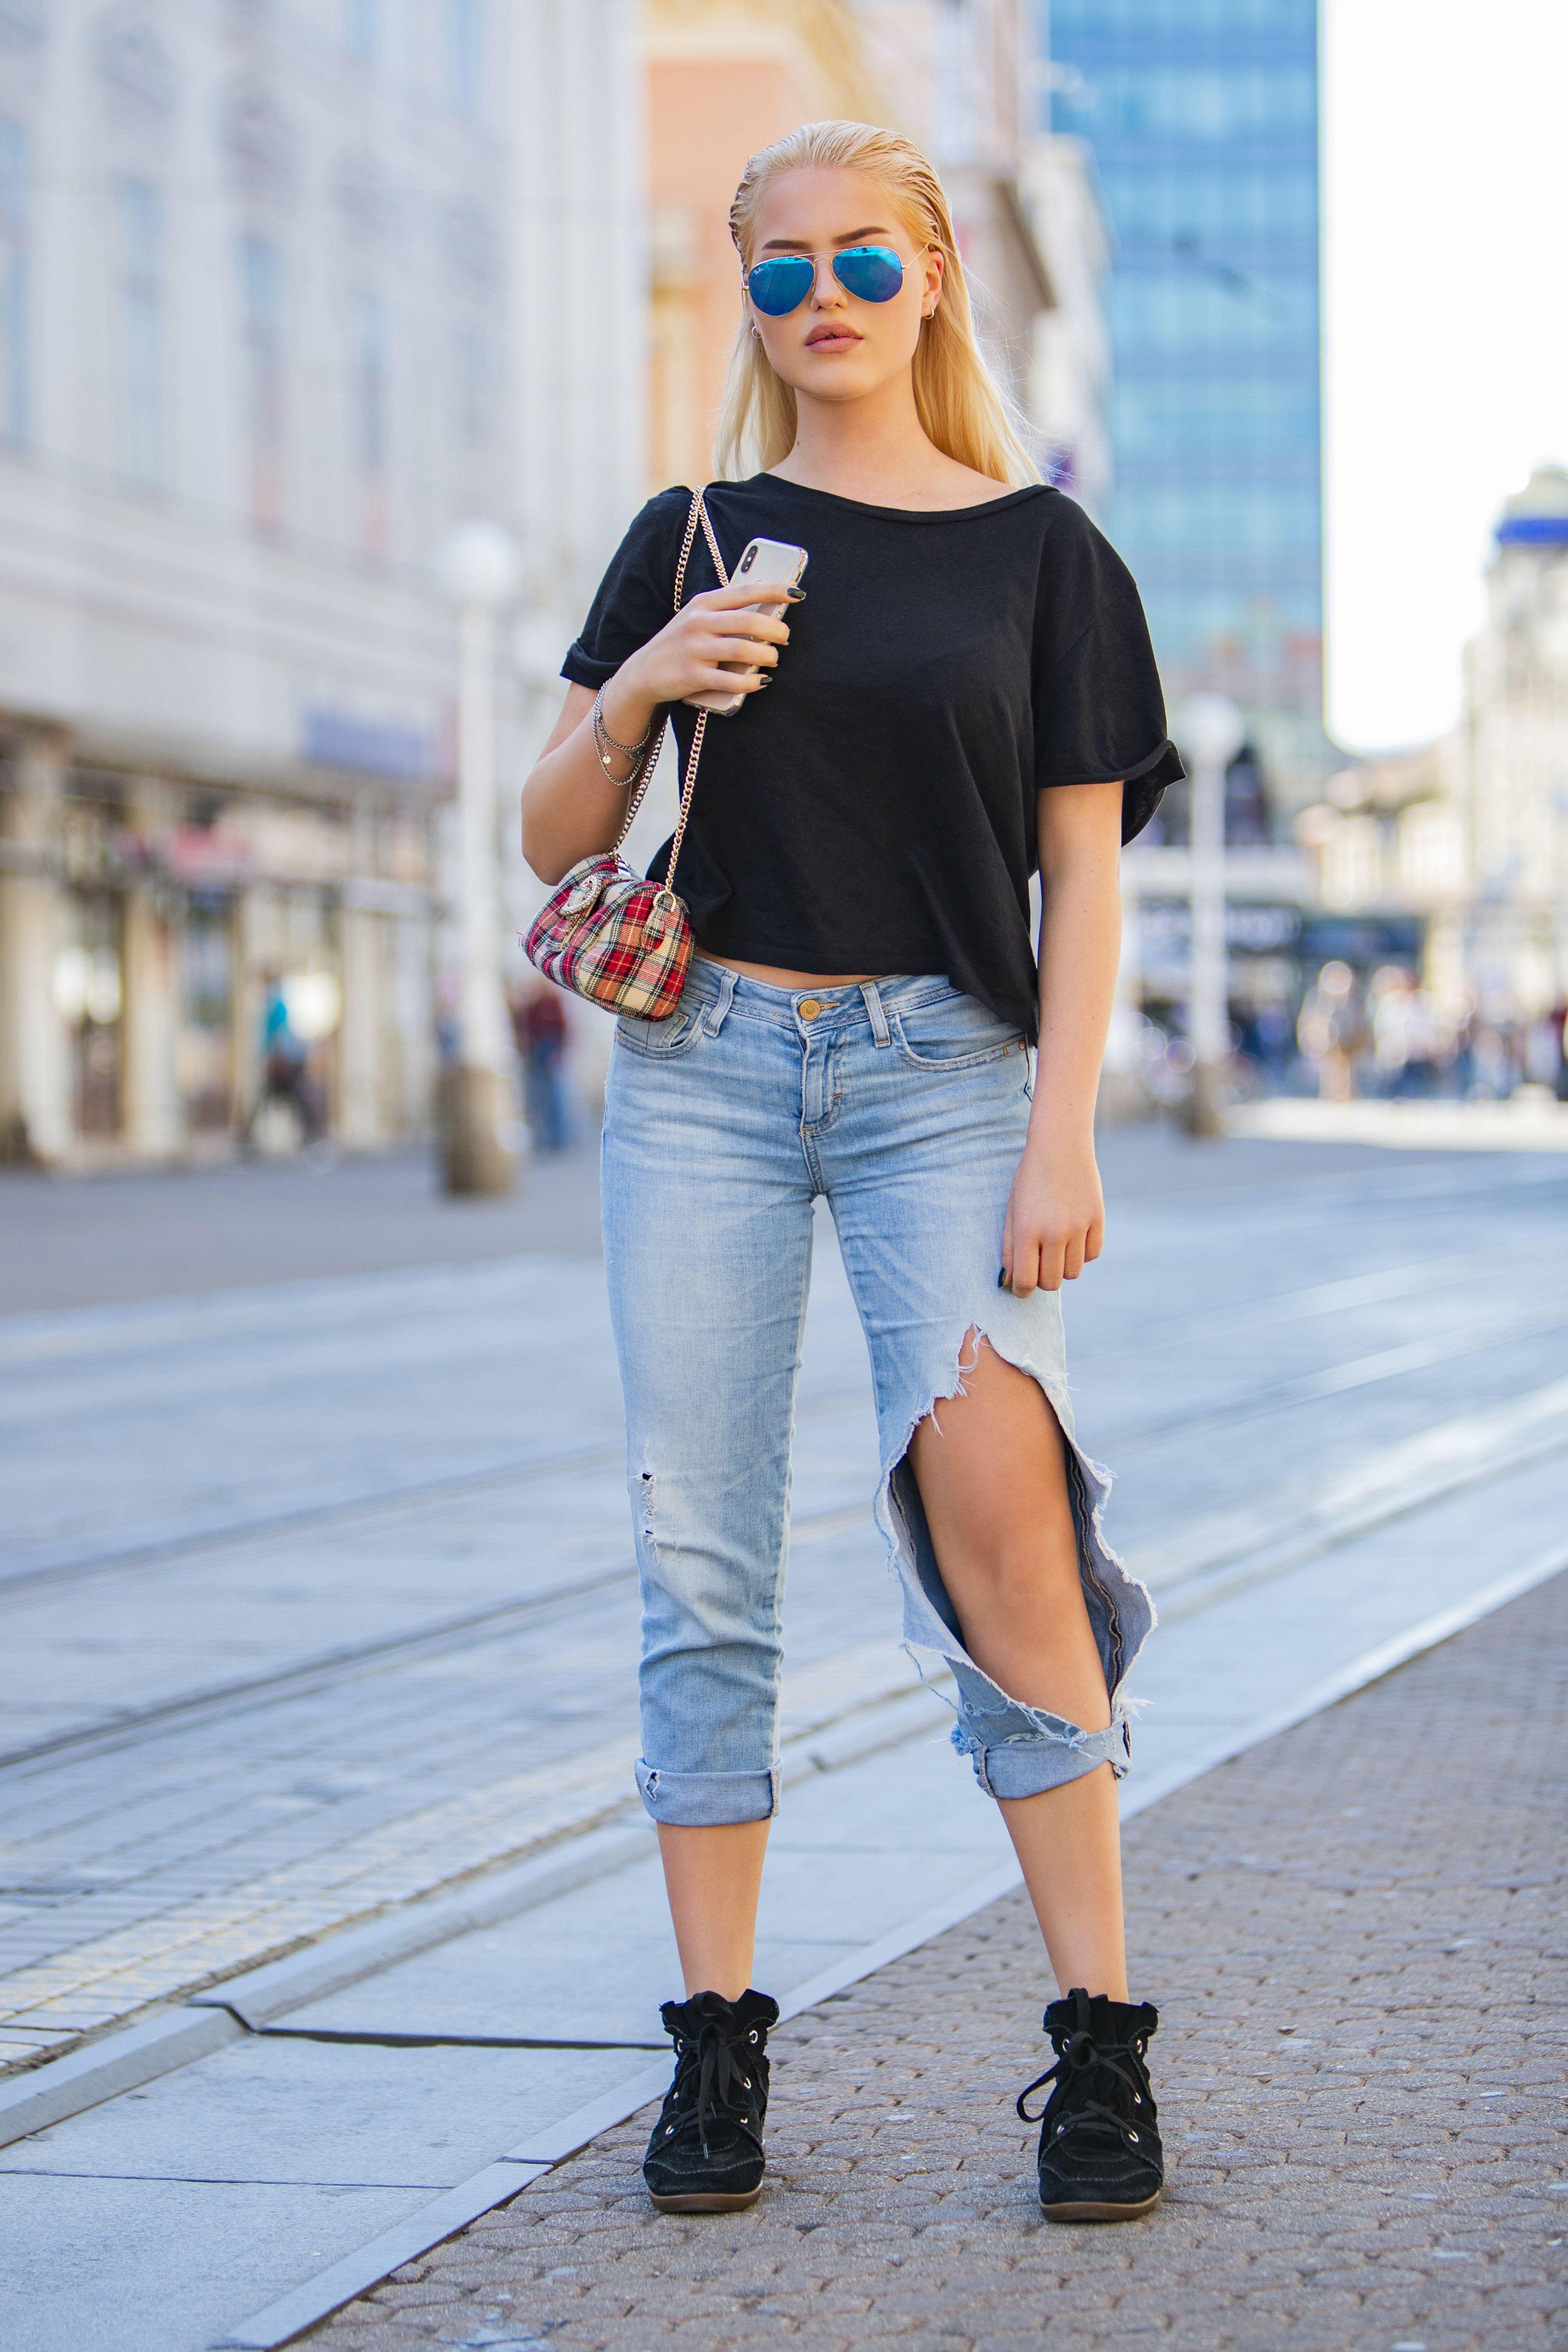 Jednostavno i cool: Ultrapoderane traperice ovoj ljepotici stoje baš dobro!